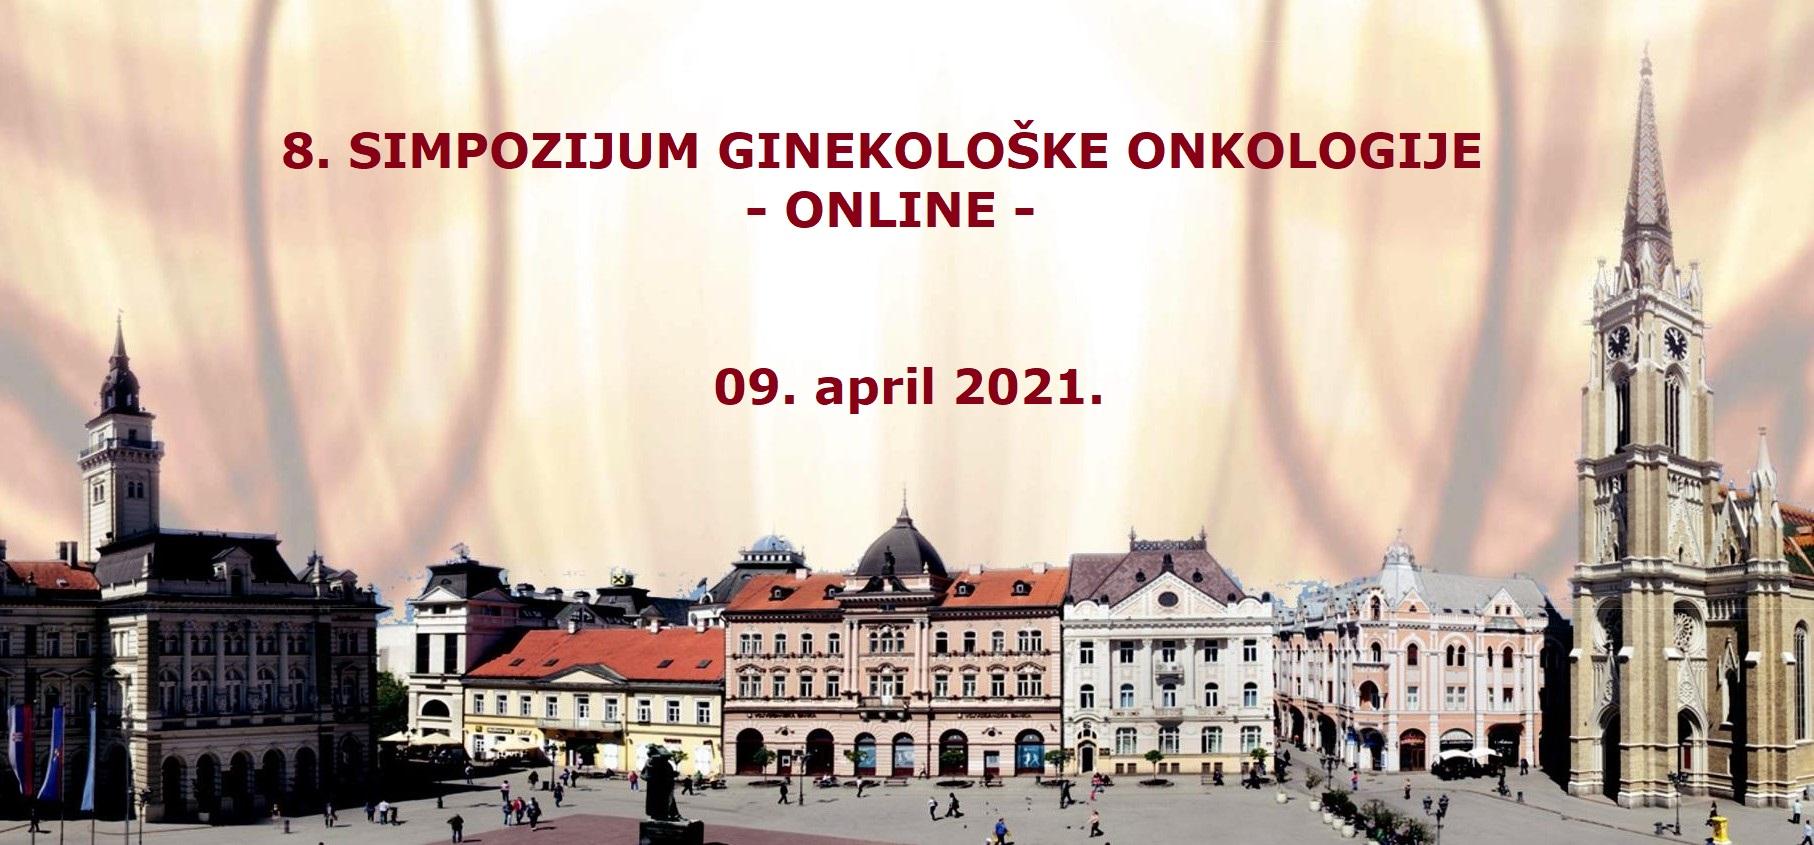 OSMI SIMPOZIJUM GINEKOLOŠKE ONKOLOGIJE 2021